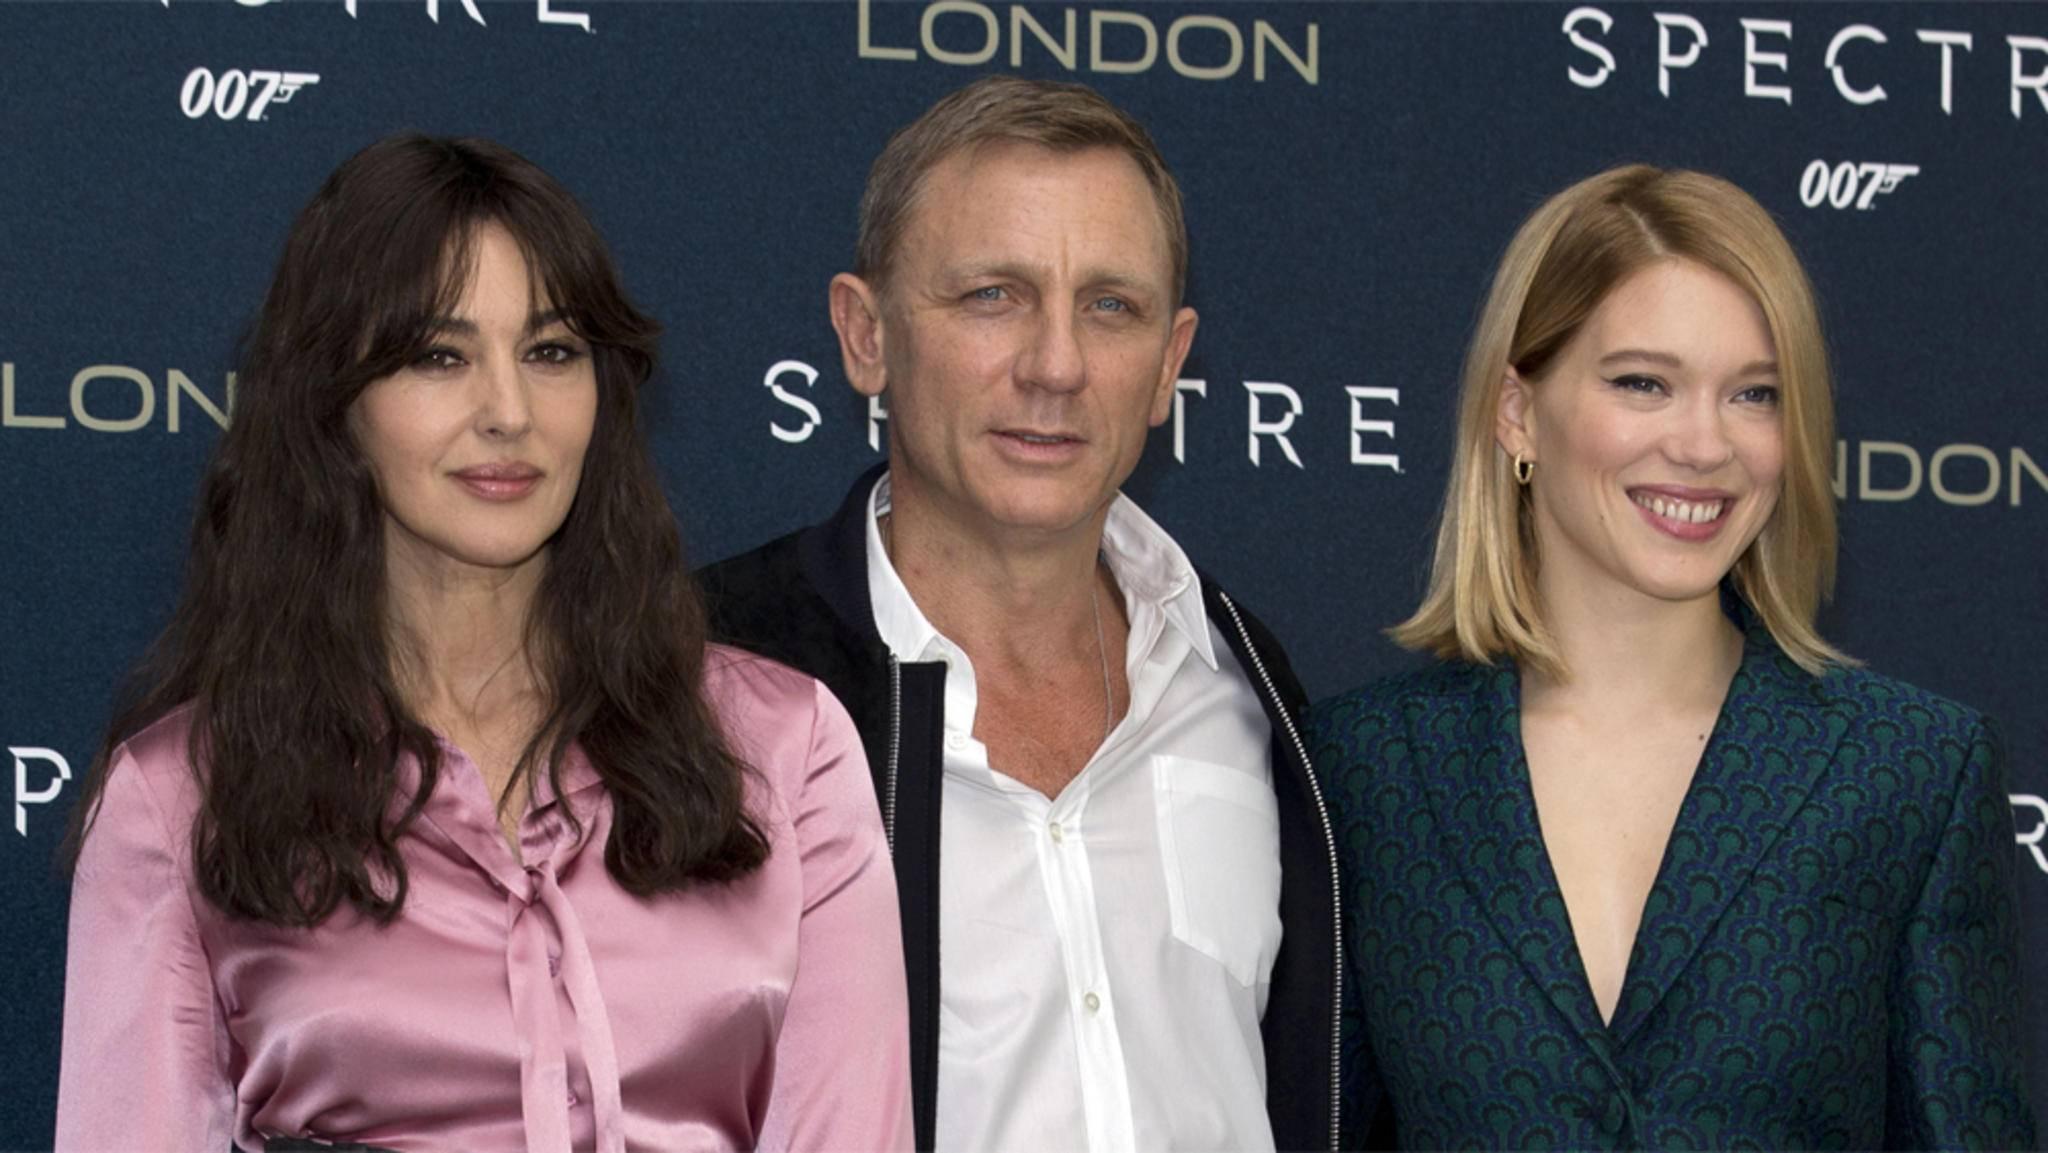 Wer darf Daniel Craig nach Monica Bellucci und Léa Seydoux als Bond-Girl Gesellschaft leisten?